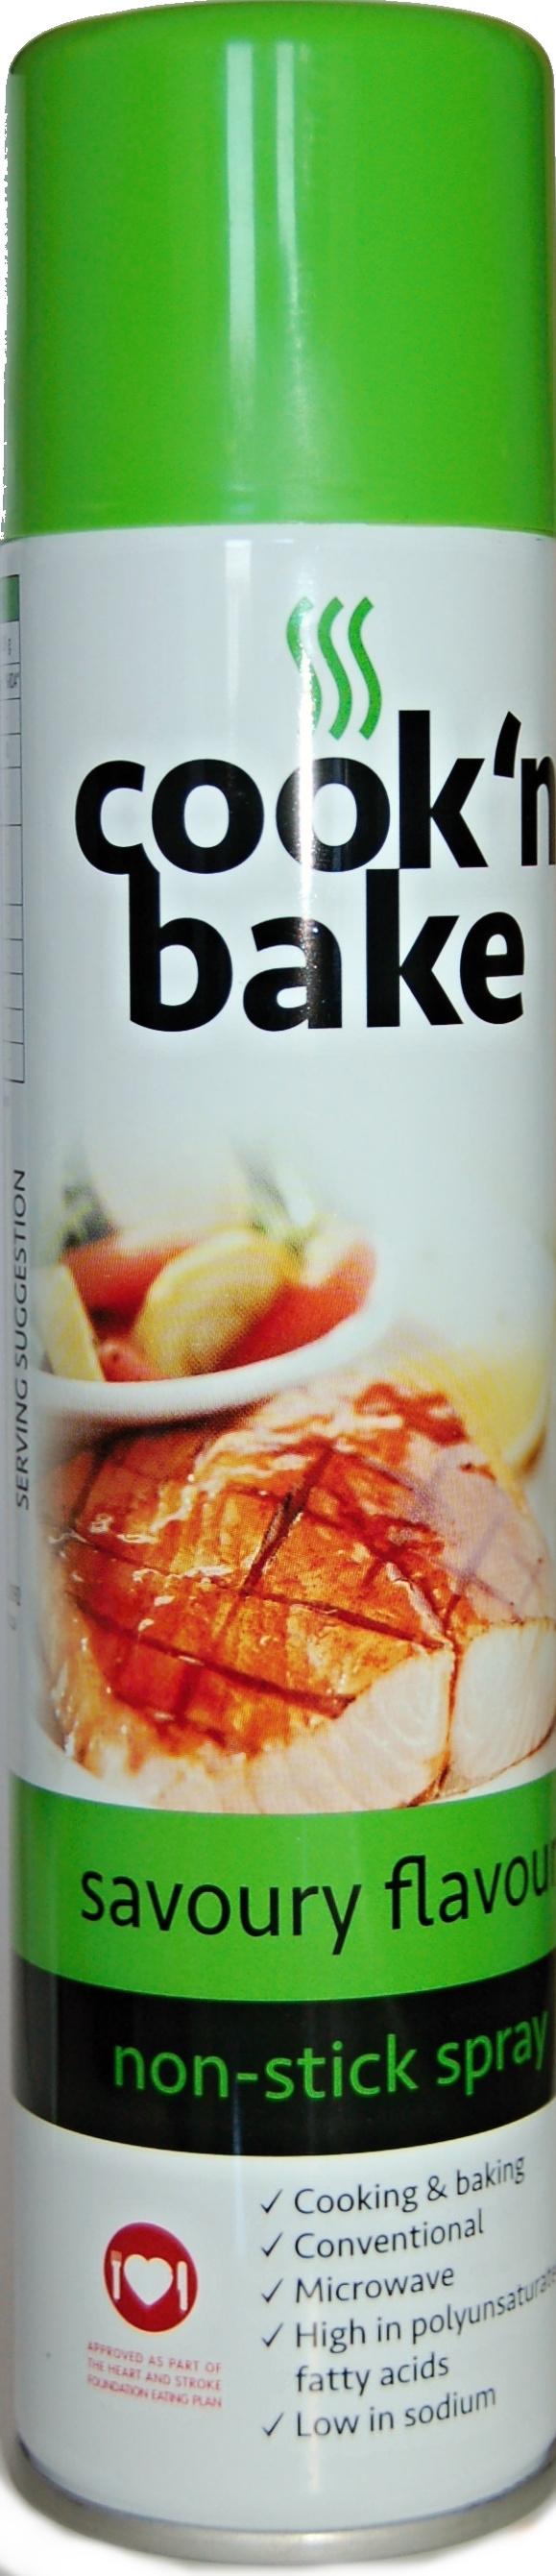 Spanjaard Cook'n bake ochucený slunečnicový olej pikantní 300 ml